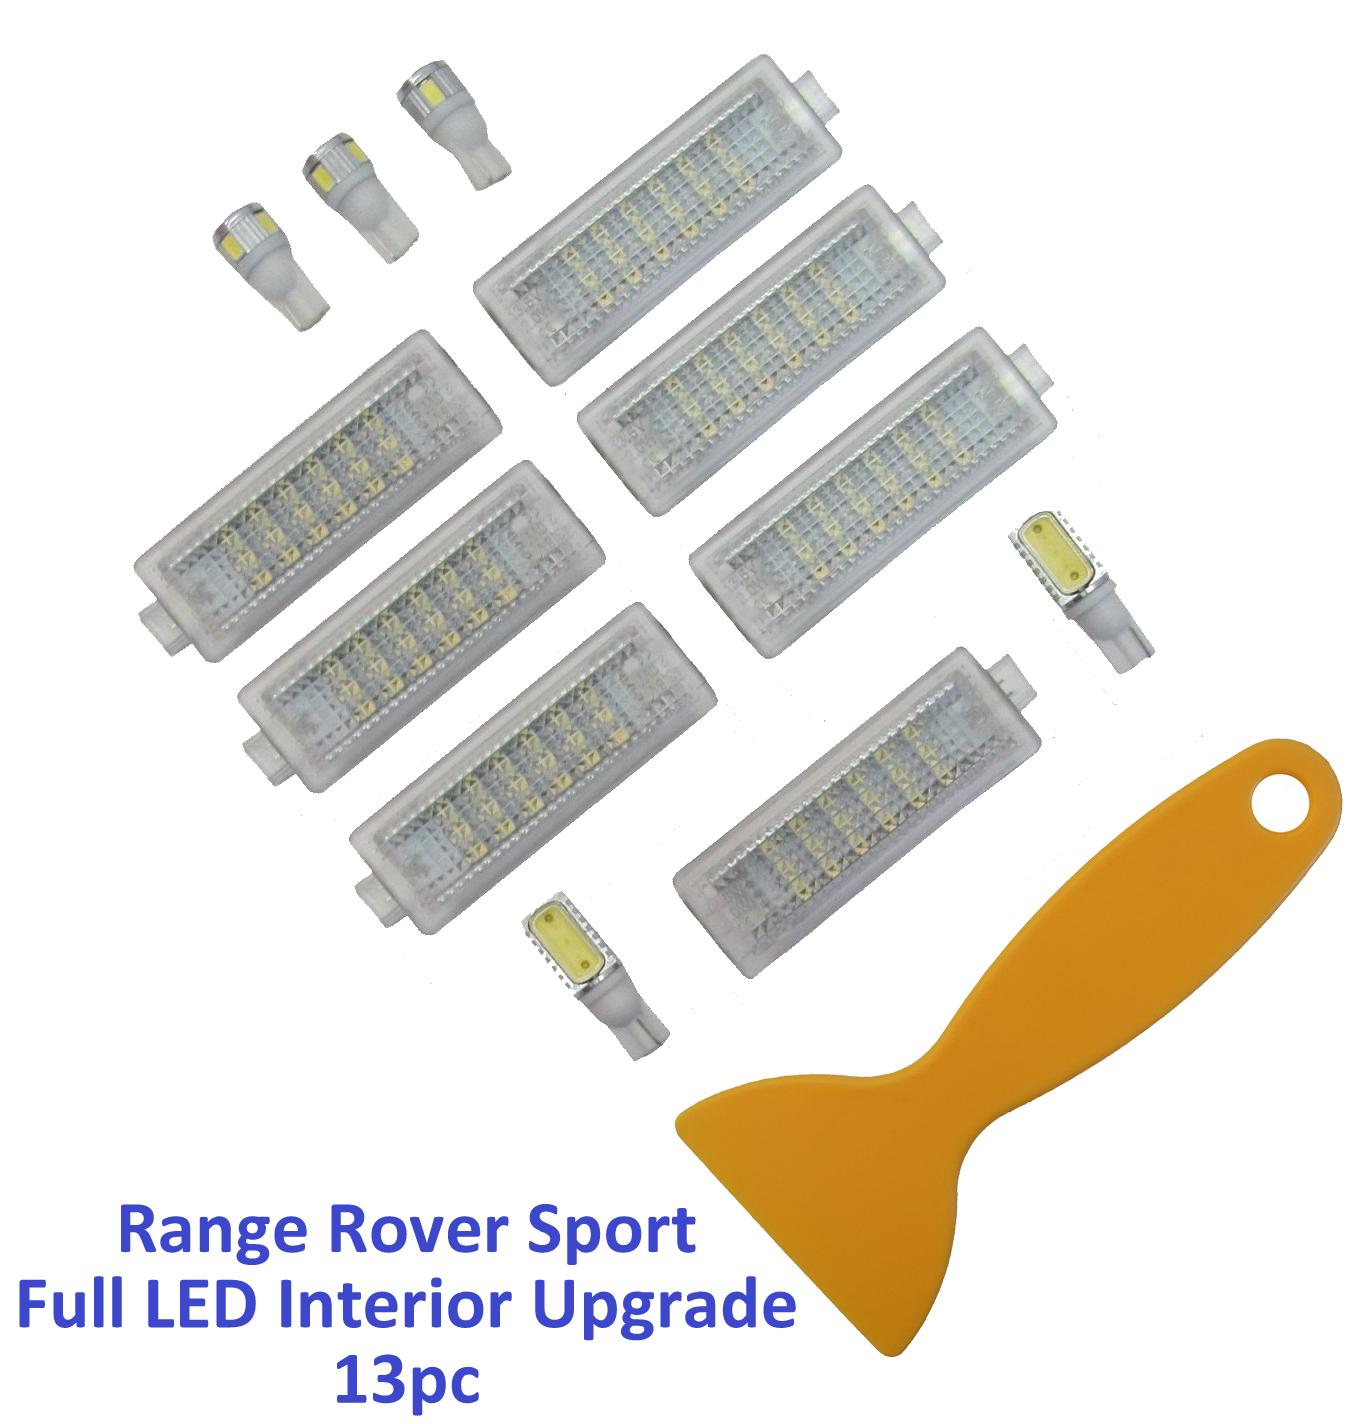 2002 Land Rover Range Rover Interior: Full 13pc LED White Interior Light Kit Range Rover Sport